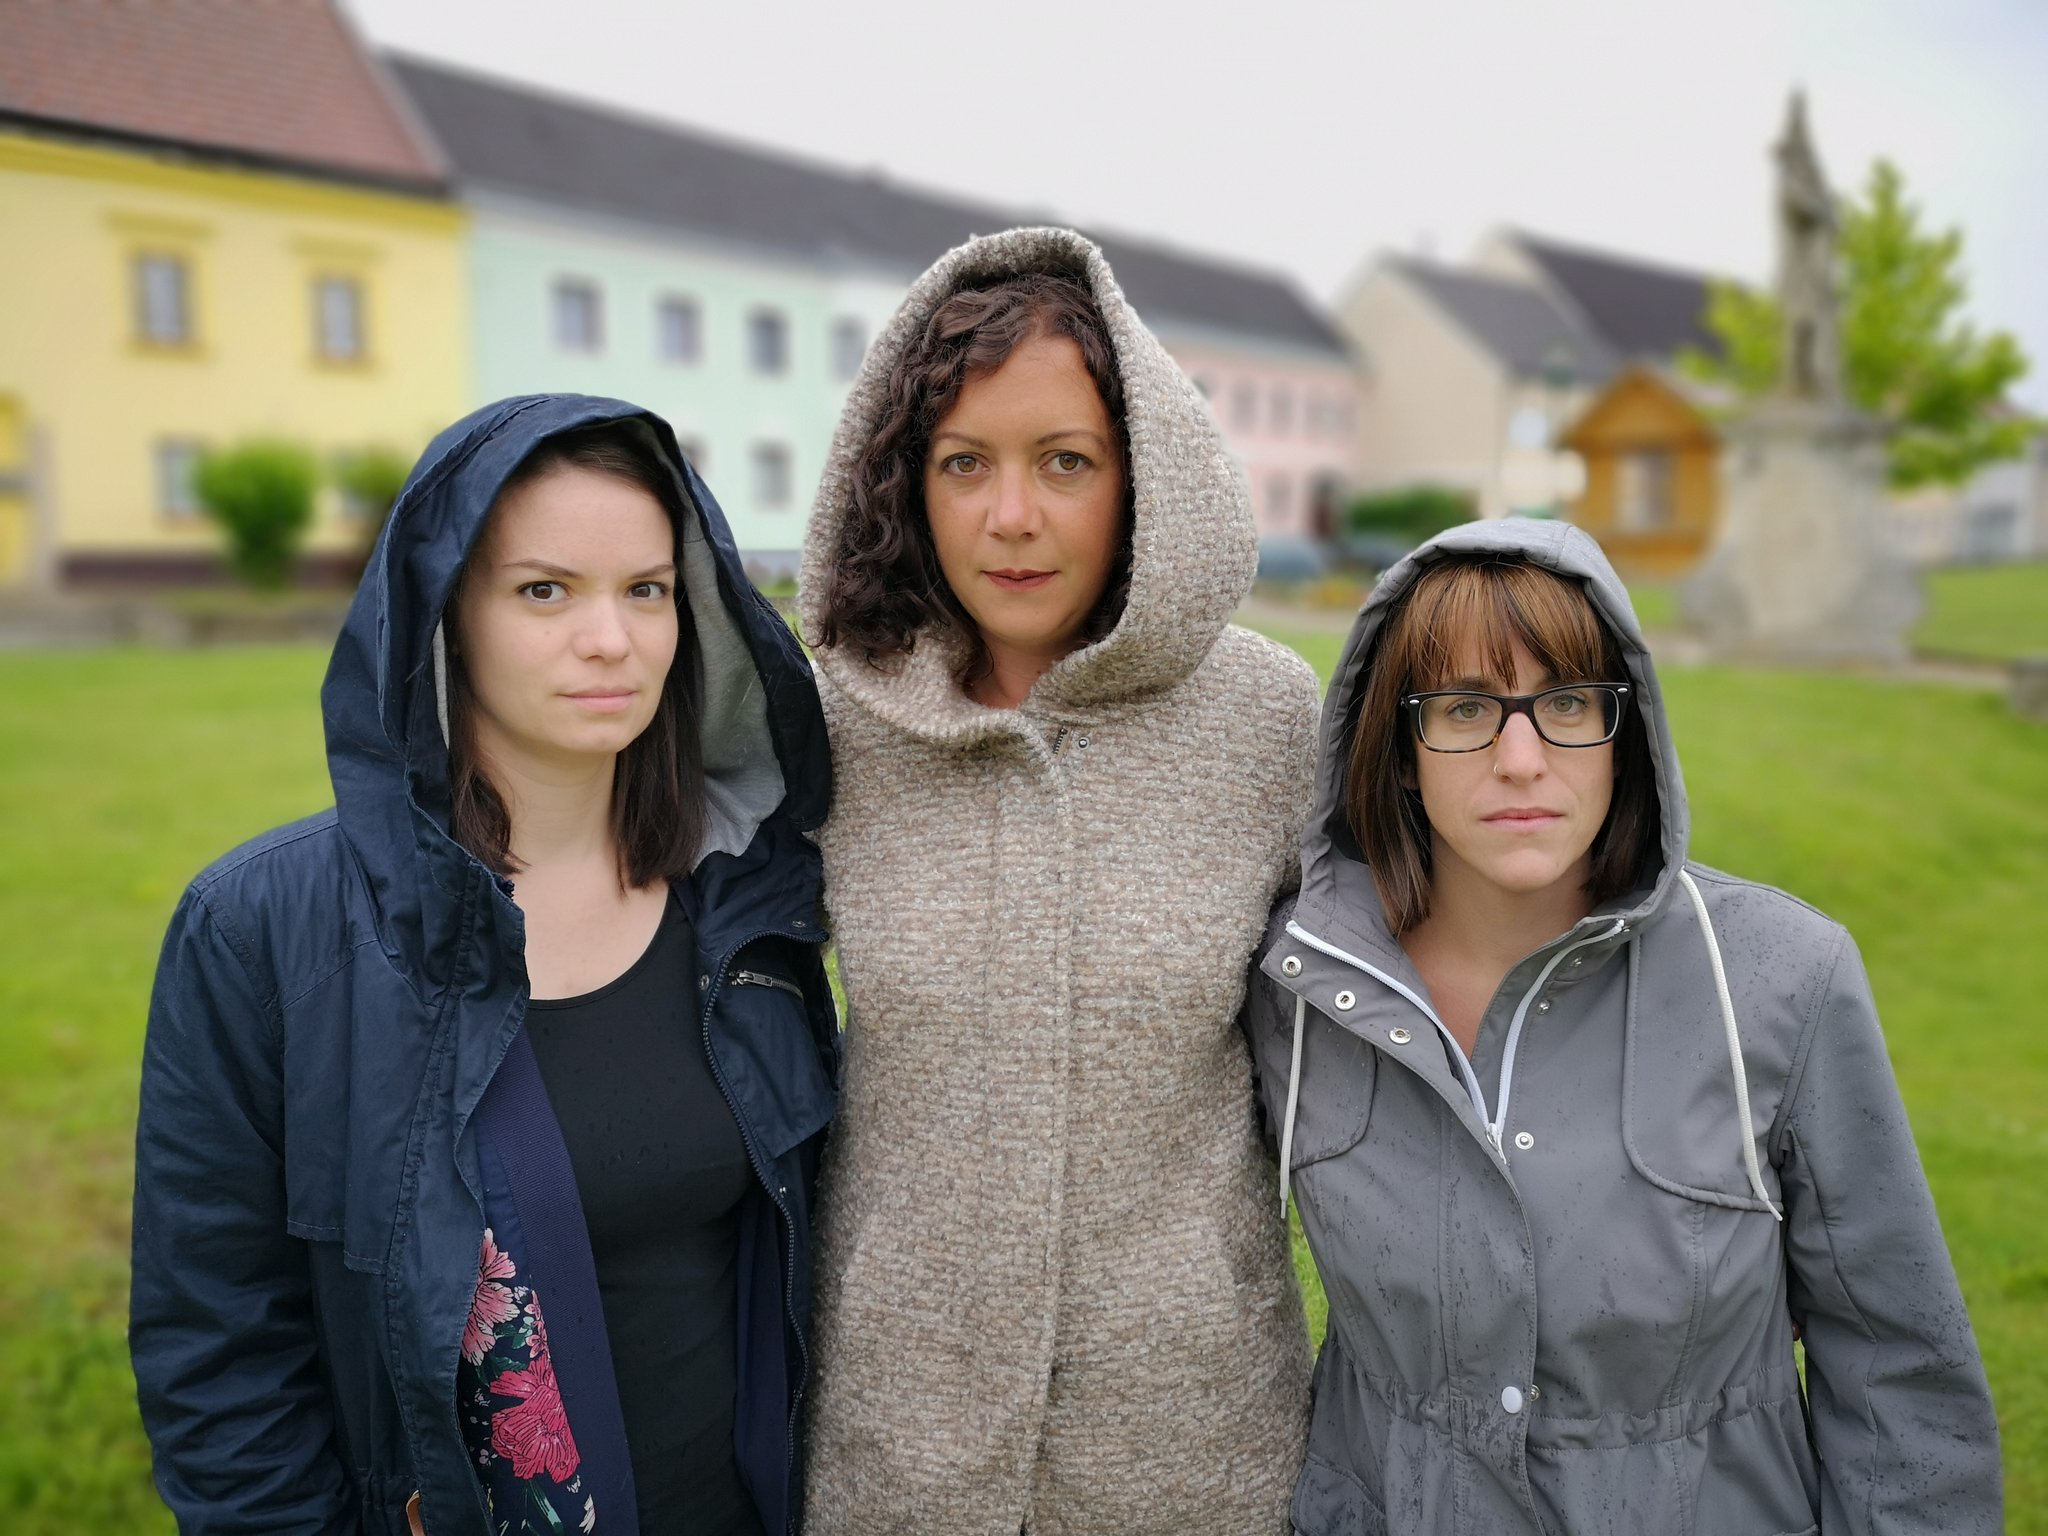 Gllersdorf singles frauen: Sexkontakt berlin samoastr